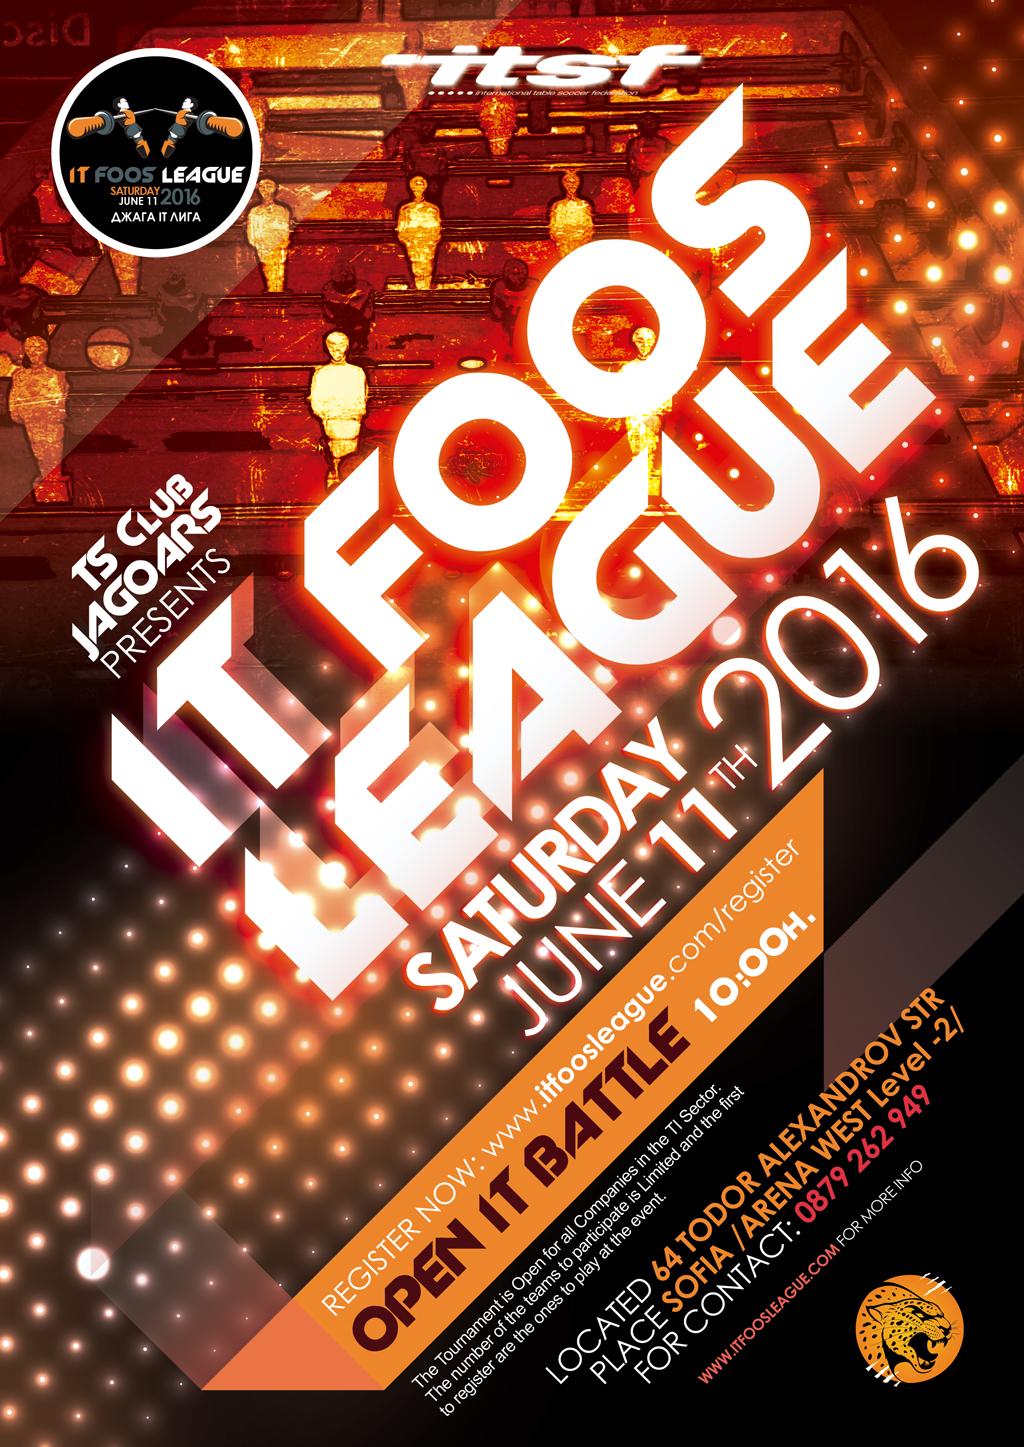 Poster_ITLeague2016.jpg